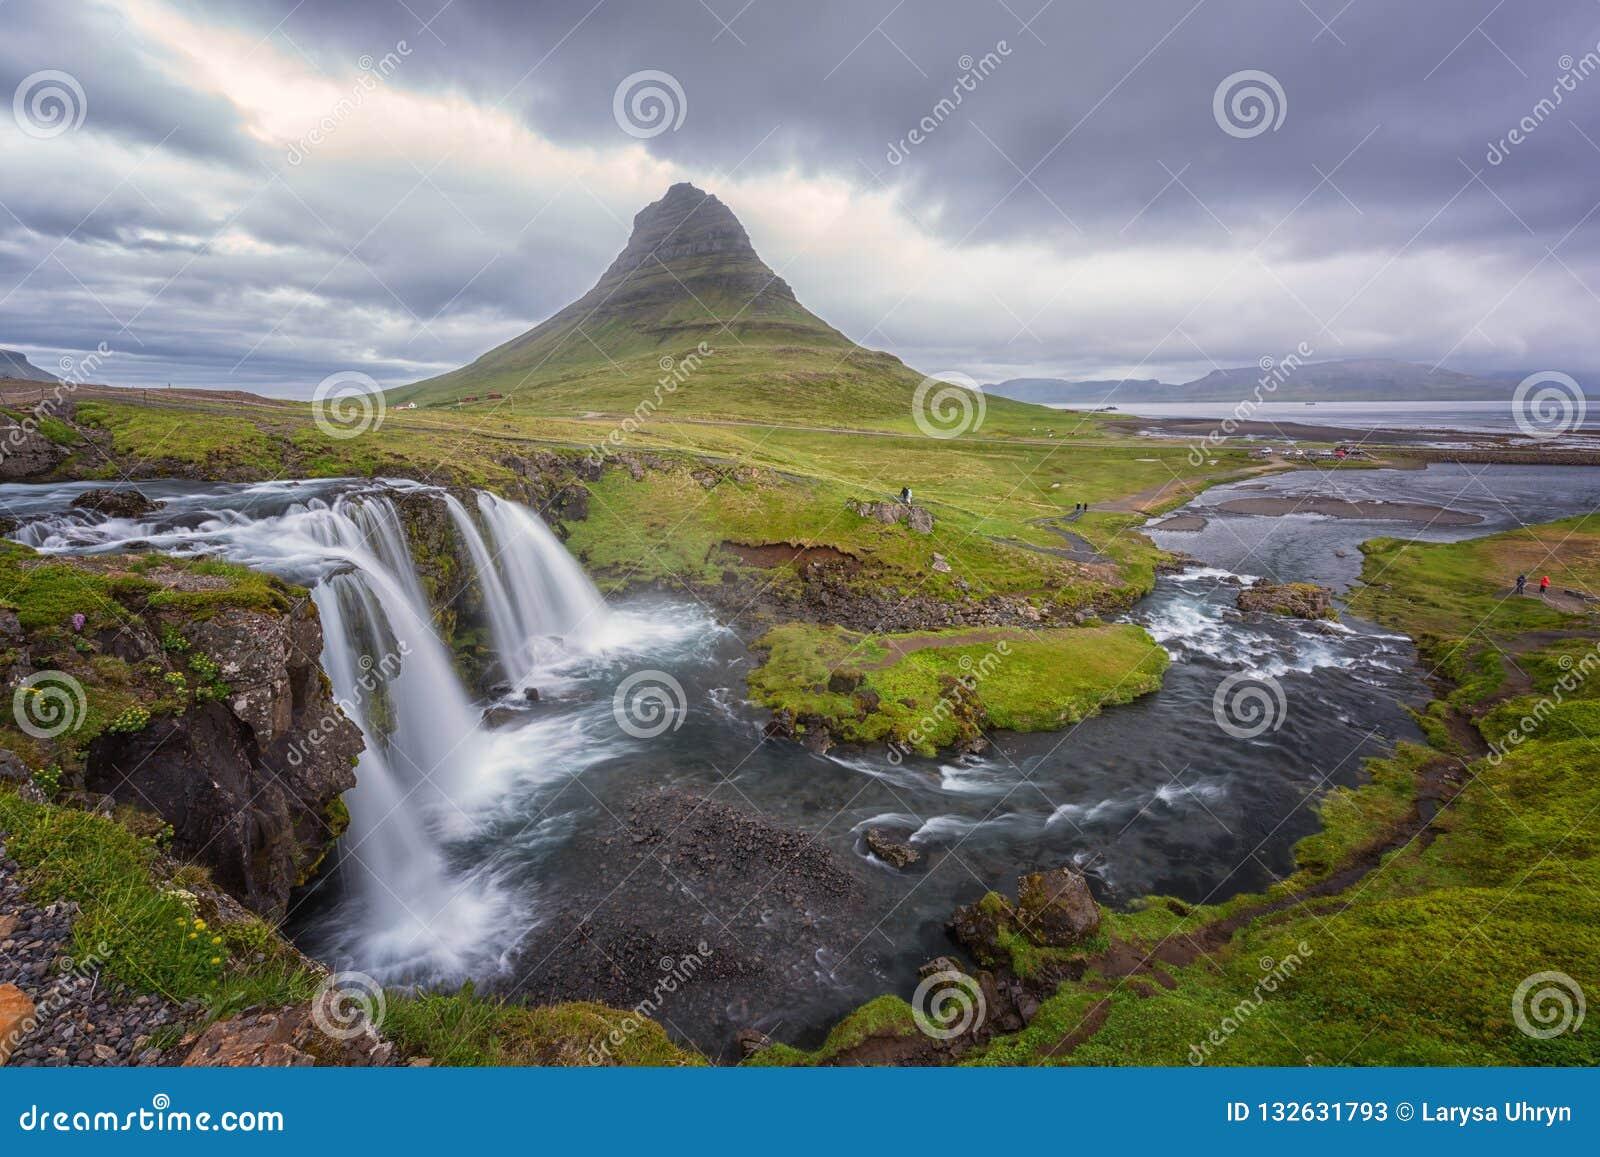 Cascata famosa di Kirkjufellsfoss con la montagna di Kirkjufell, paesaggio panoramico, penisola di Snaefellsnes, Islanda